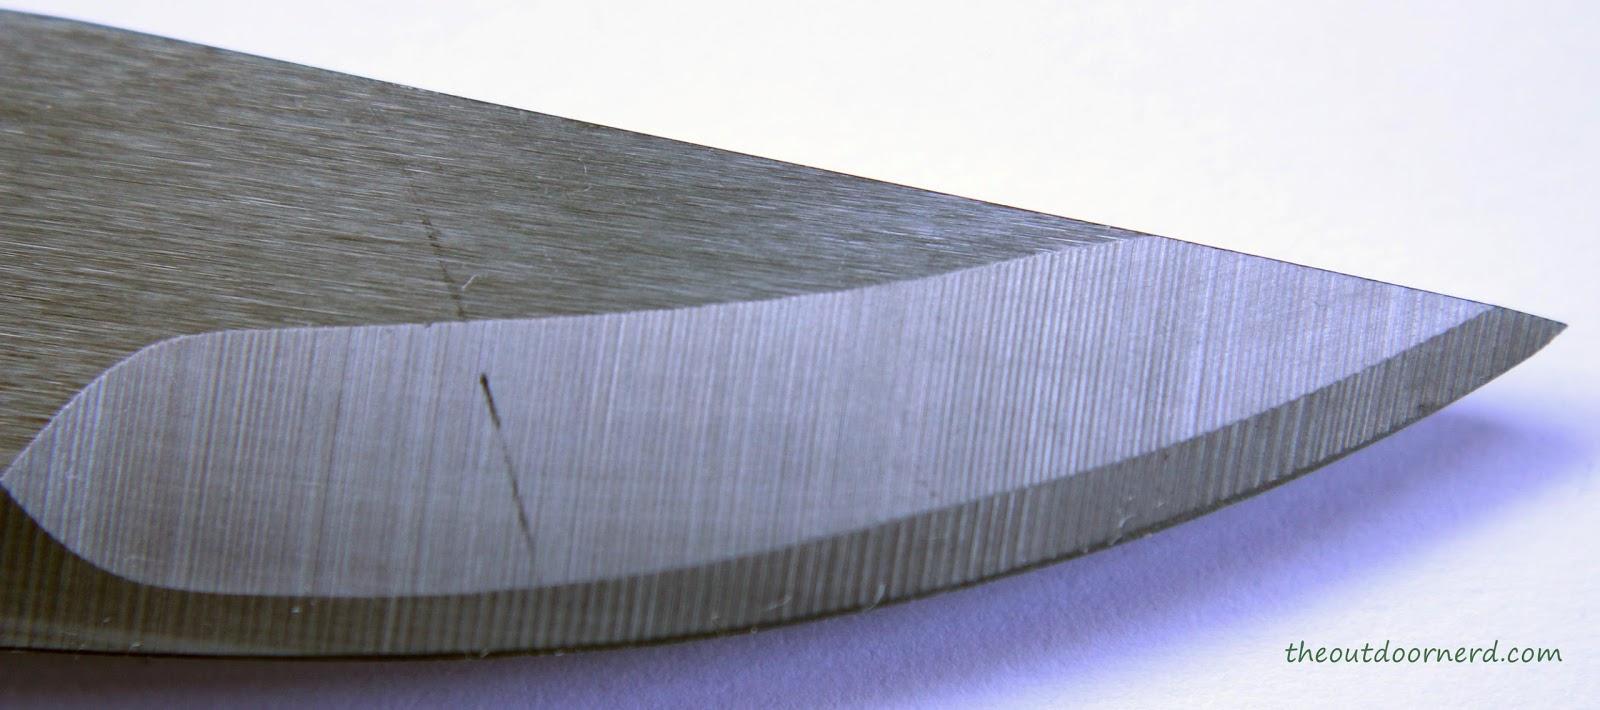 Light My Fire Swedish FireKnife: Closeup Of Blade Tip